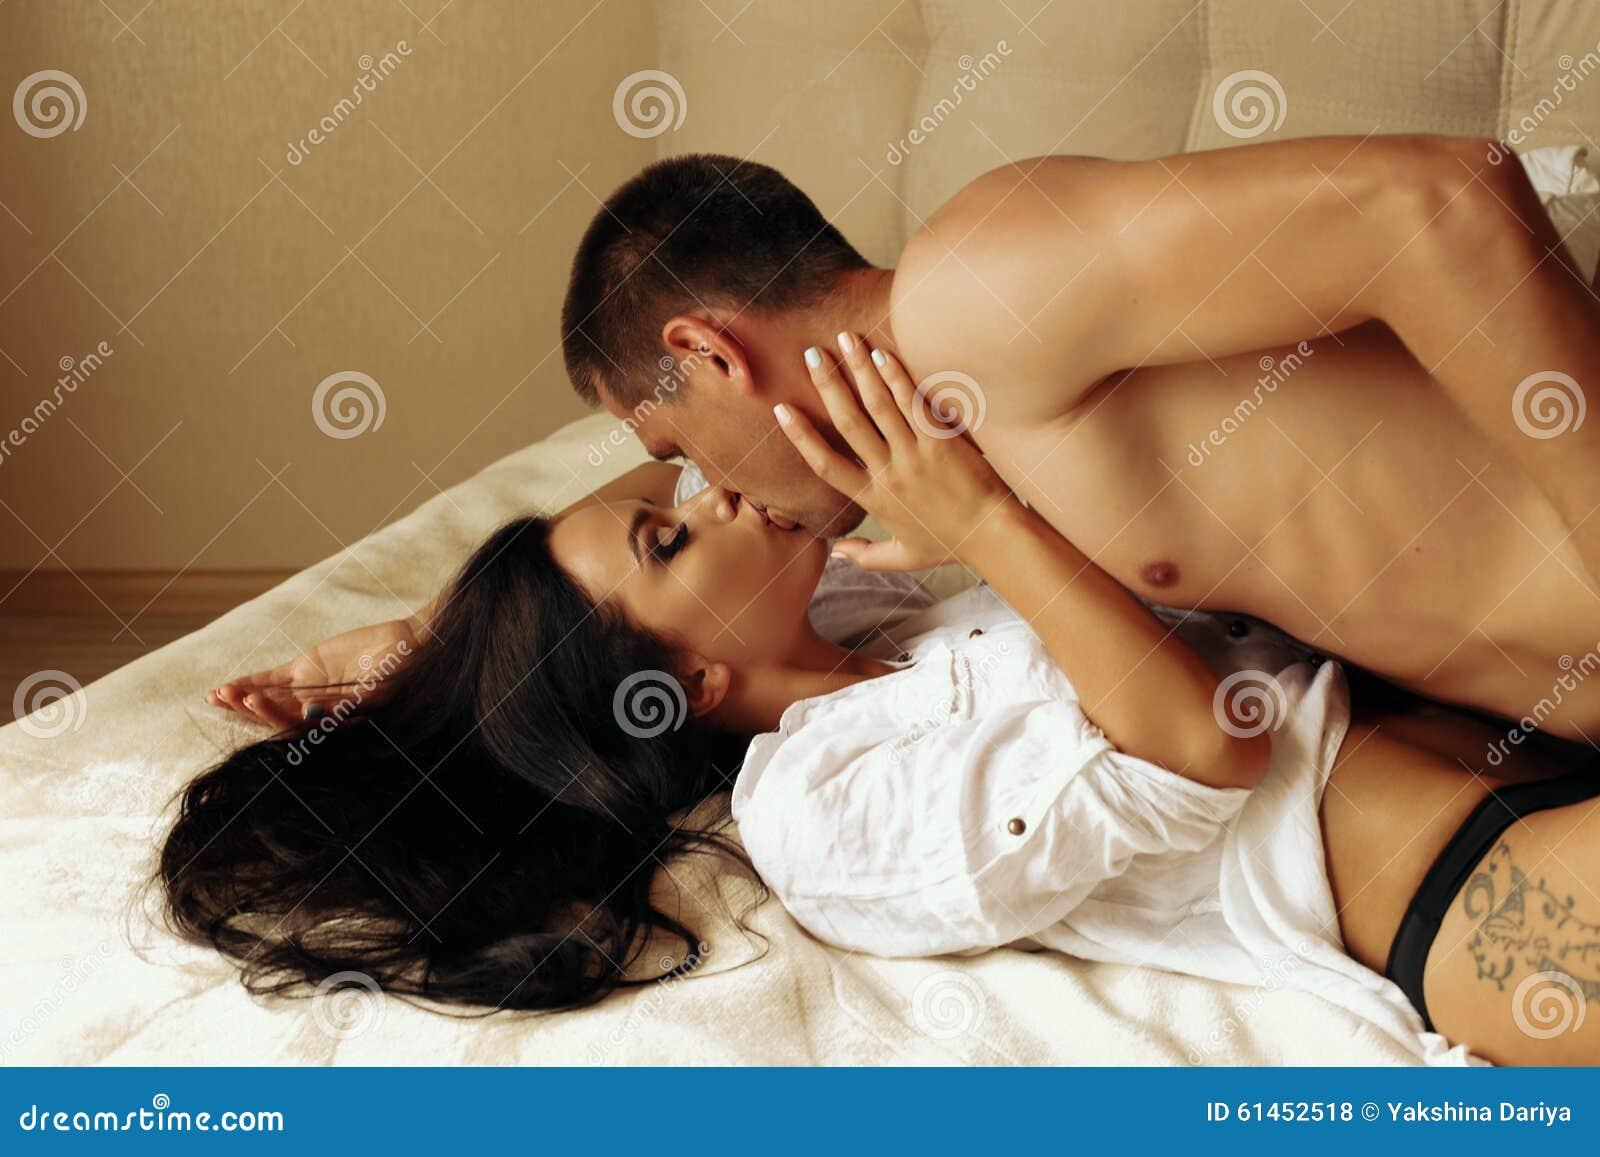 marie antoinette nude scenes